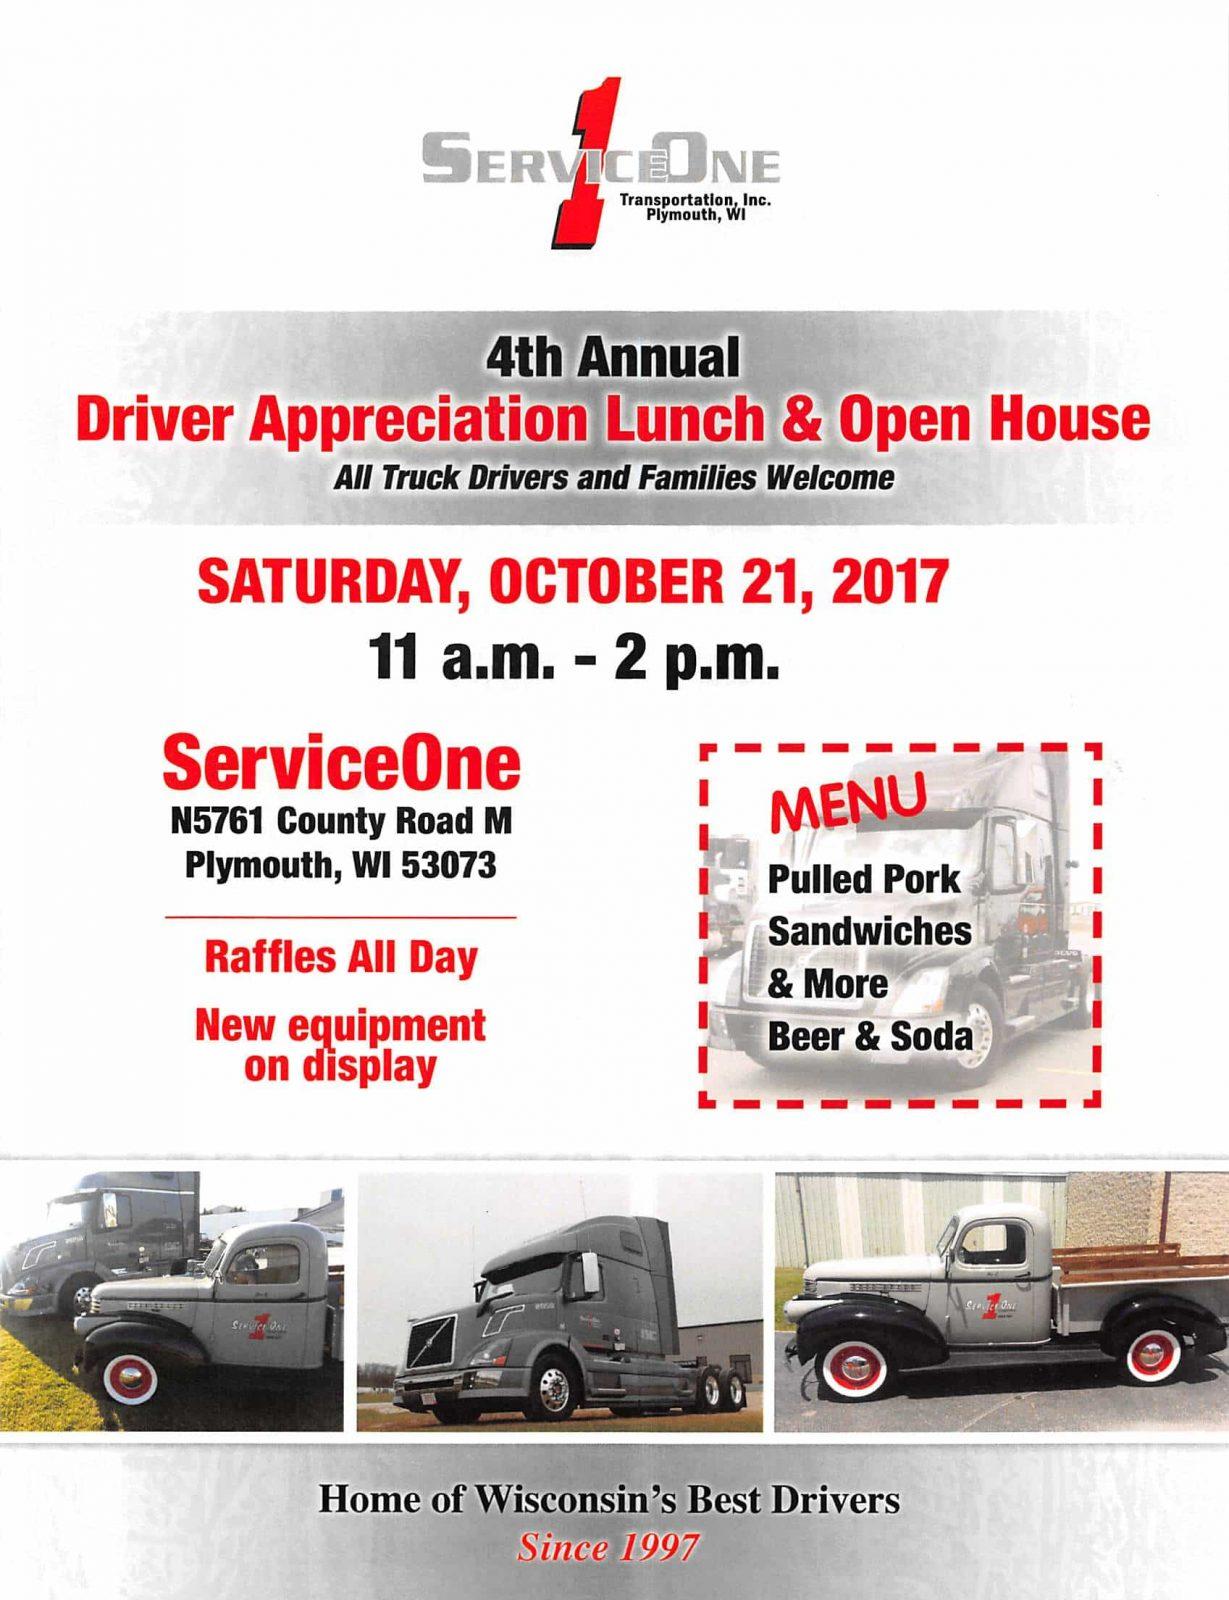 Service One Transportation 4th Annual Driver Appreciation